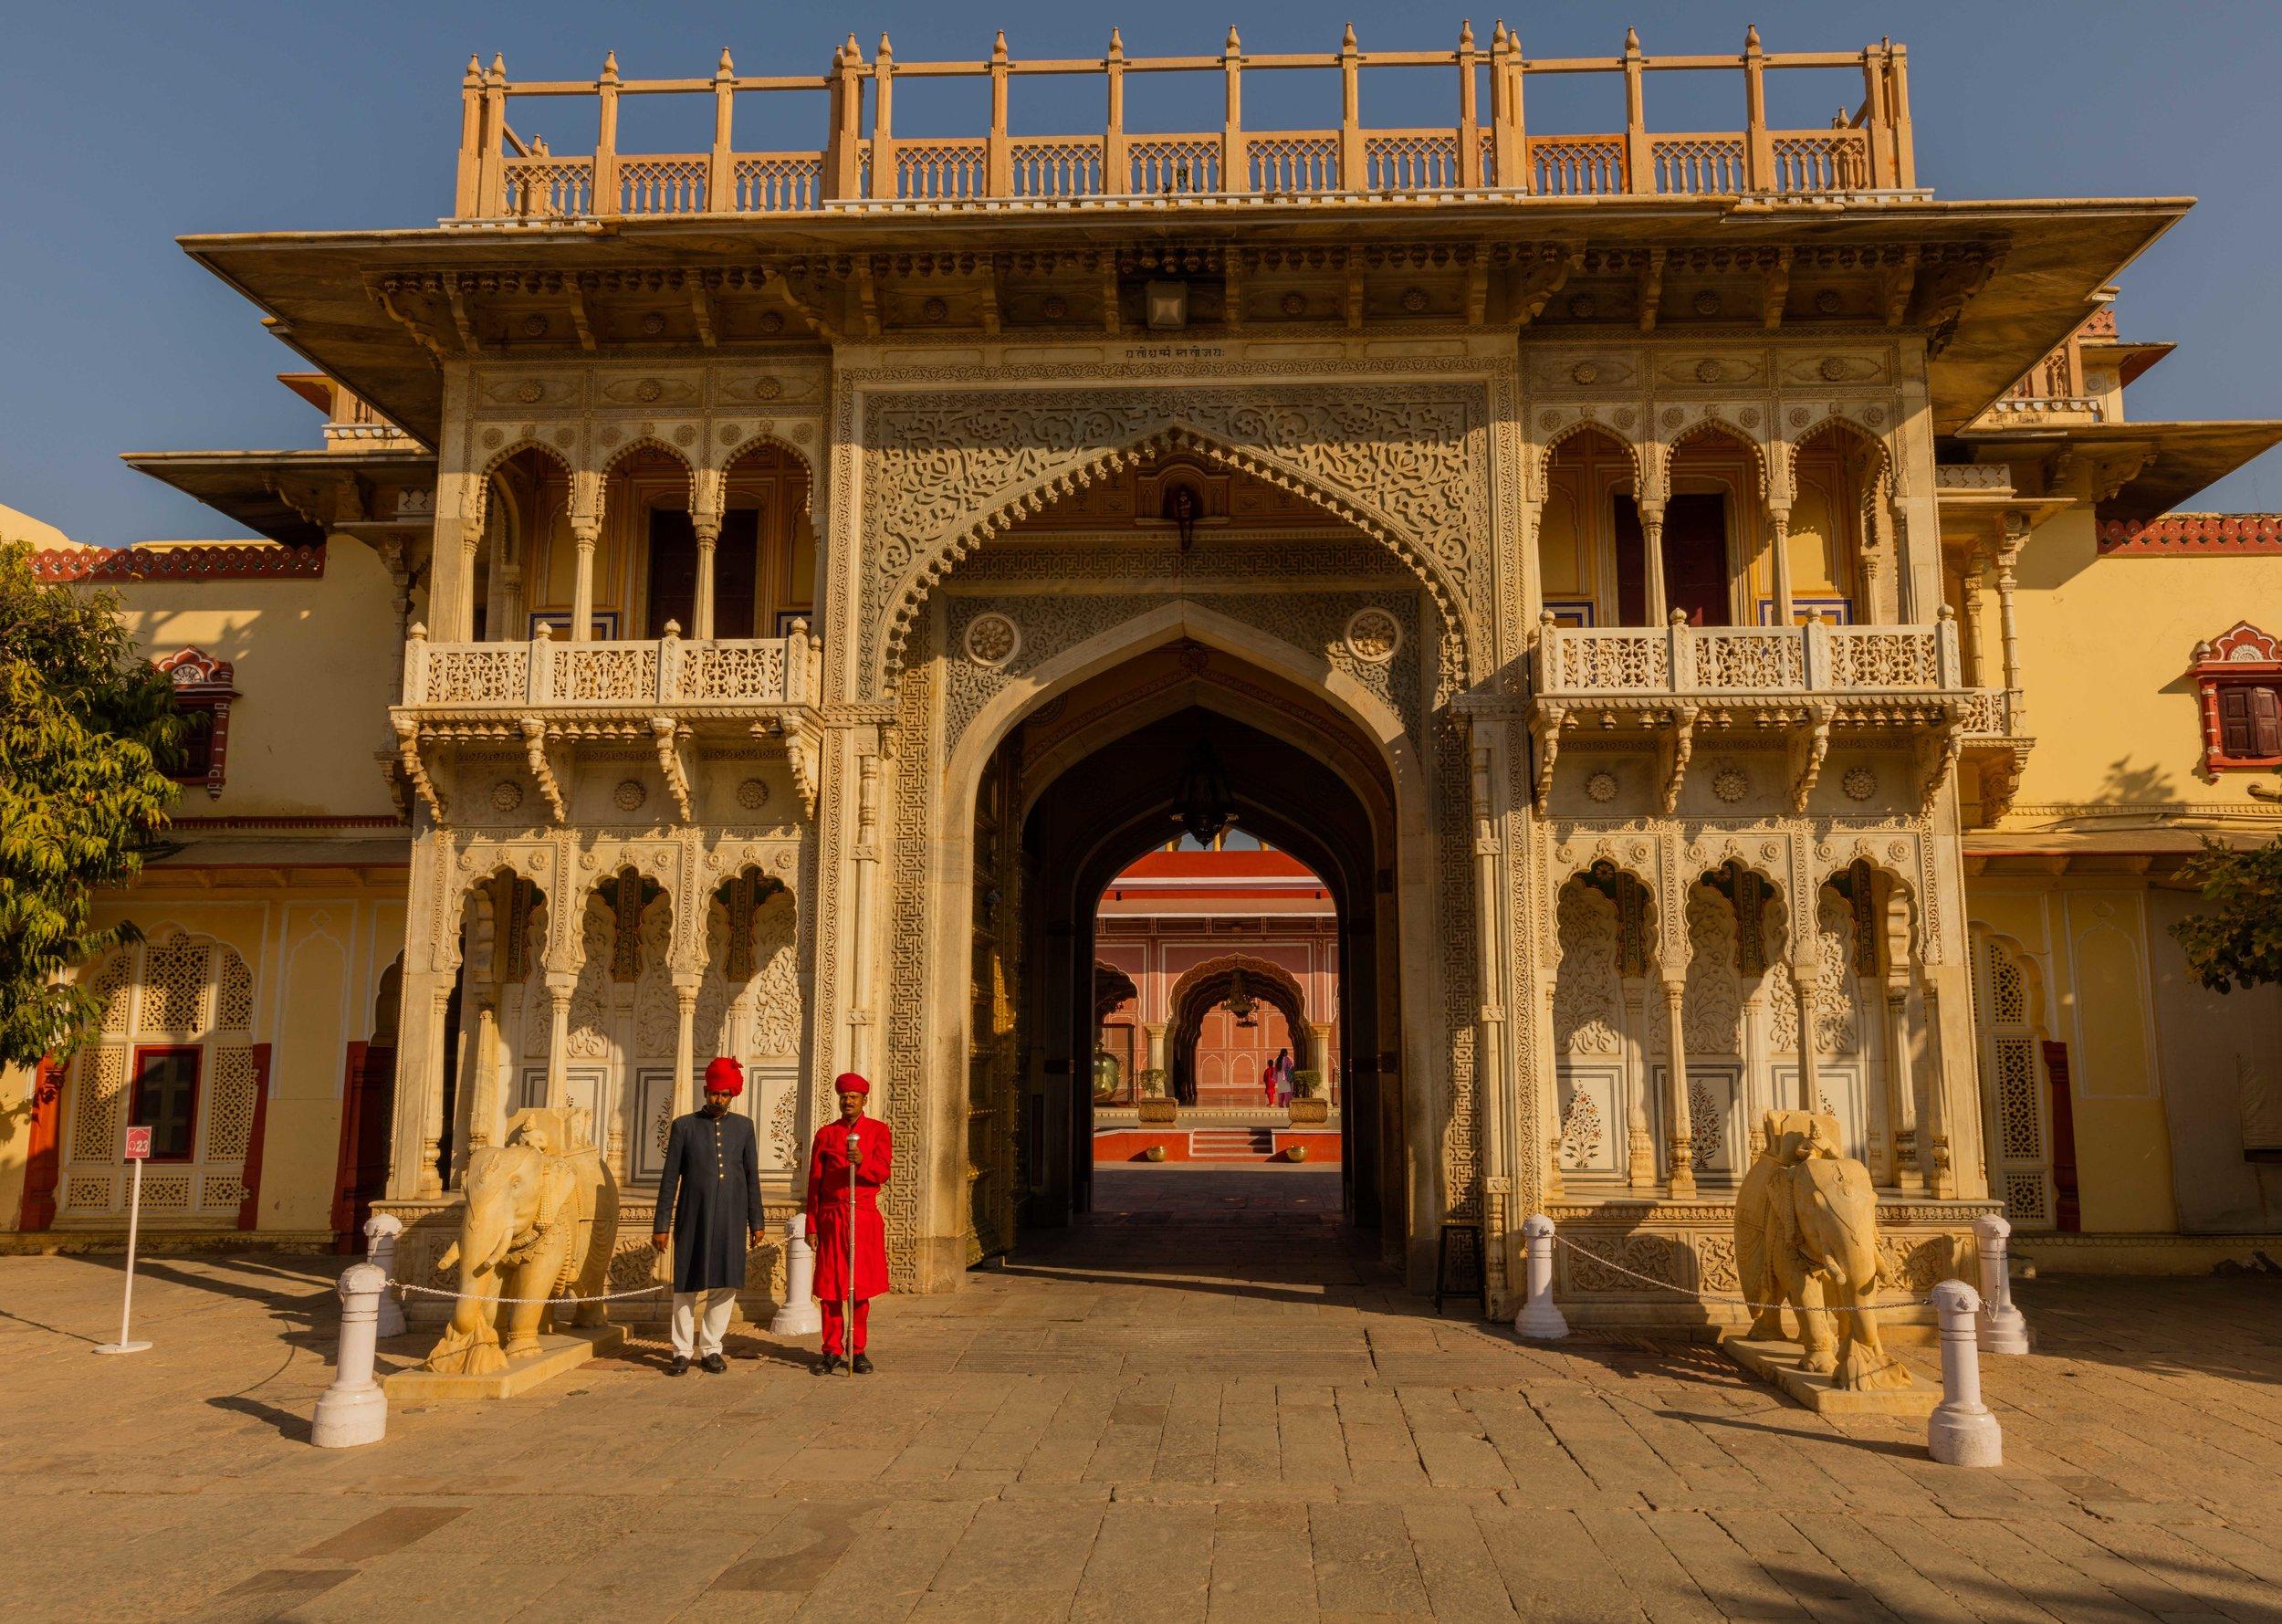 Entrance Gate, City Palace, Jaipur